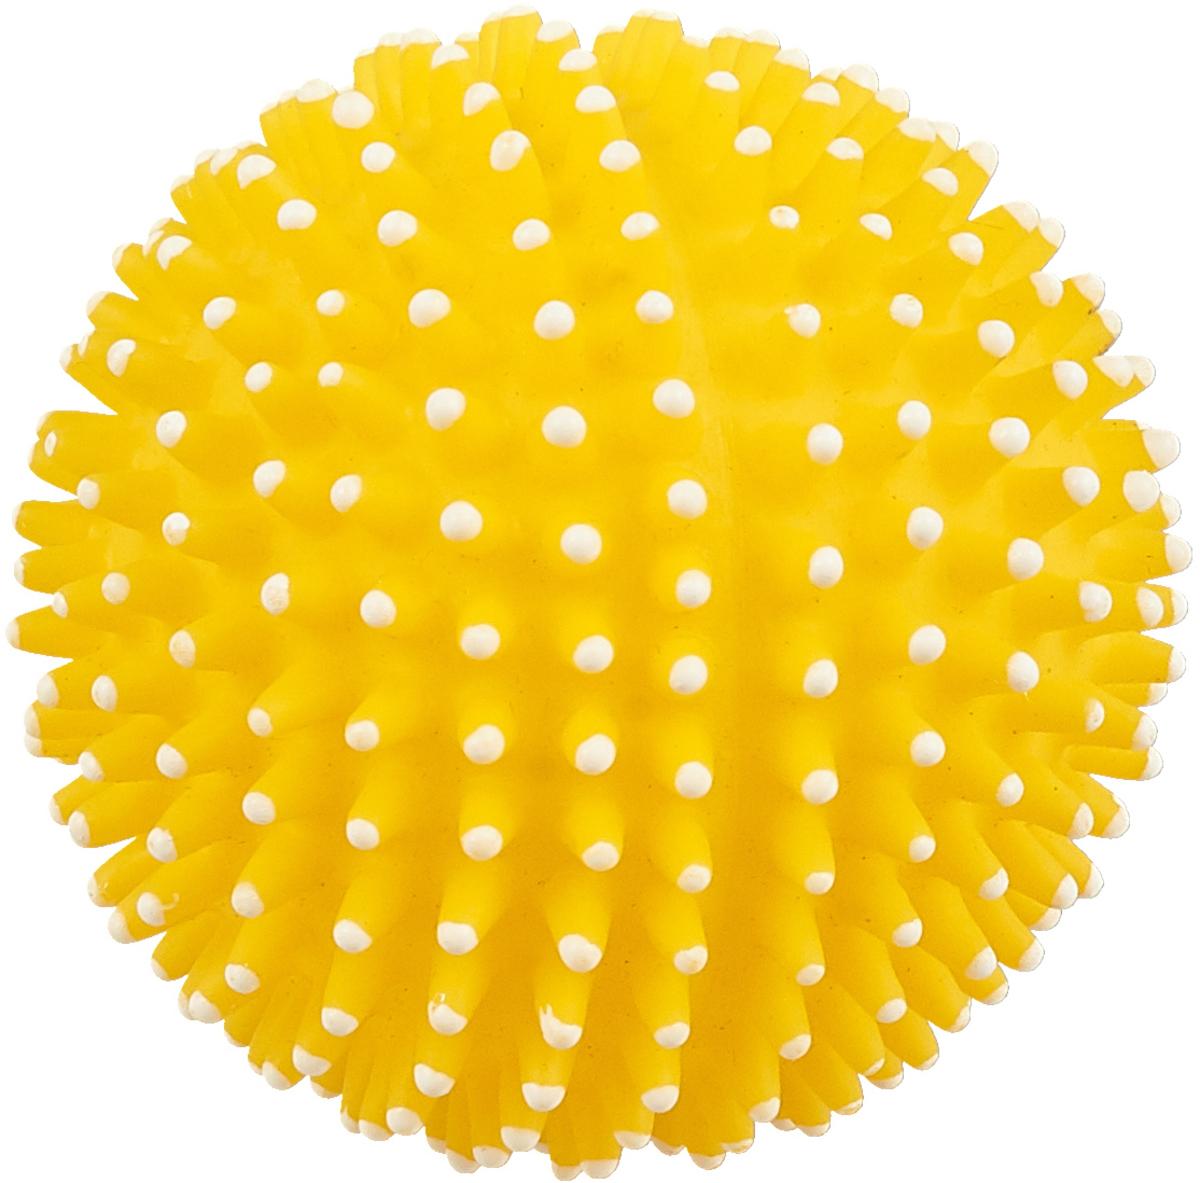 Игрушка для собак GLG Мяч игольчатый, с пищалкой, цвет: желтый, 7 см лампа галогенная philips h7 3200k vision 30% 1 шт 12972prc1